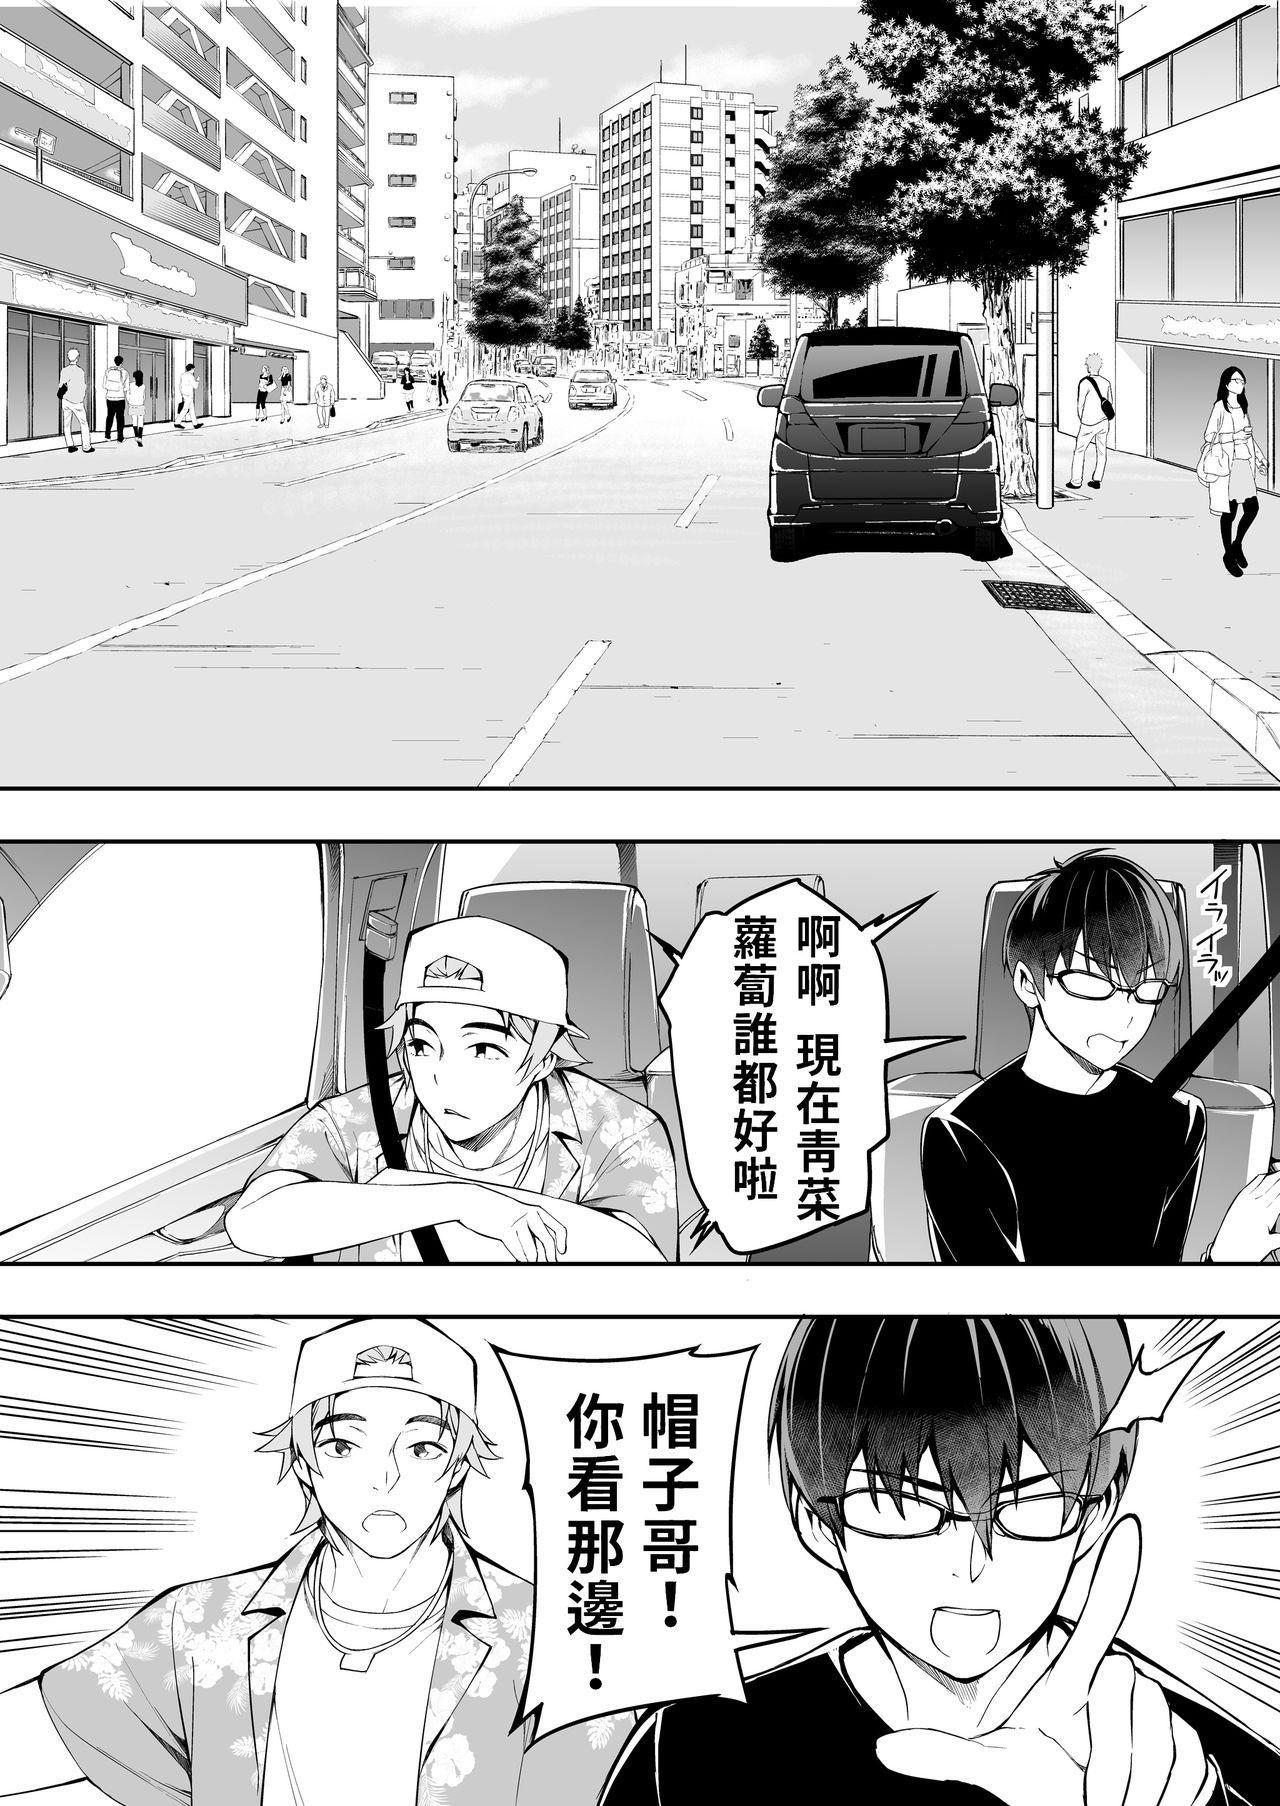 Panpan Travelers Hakata Shuudan Rape Ryokou | 吃飯兼炒飯TRAVELERS~博多集團強●旅行 43